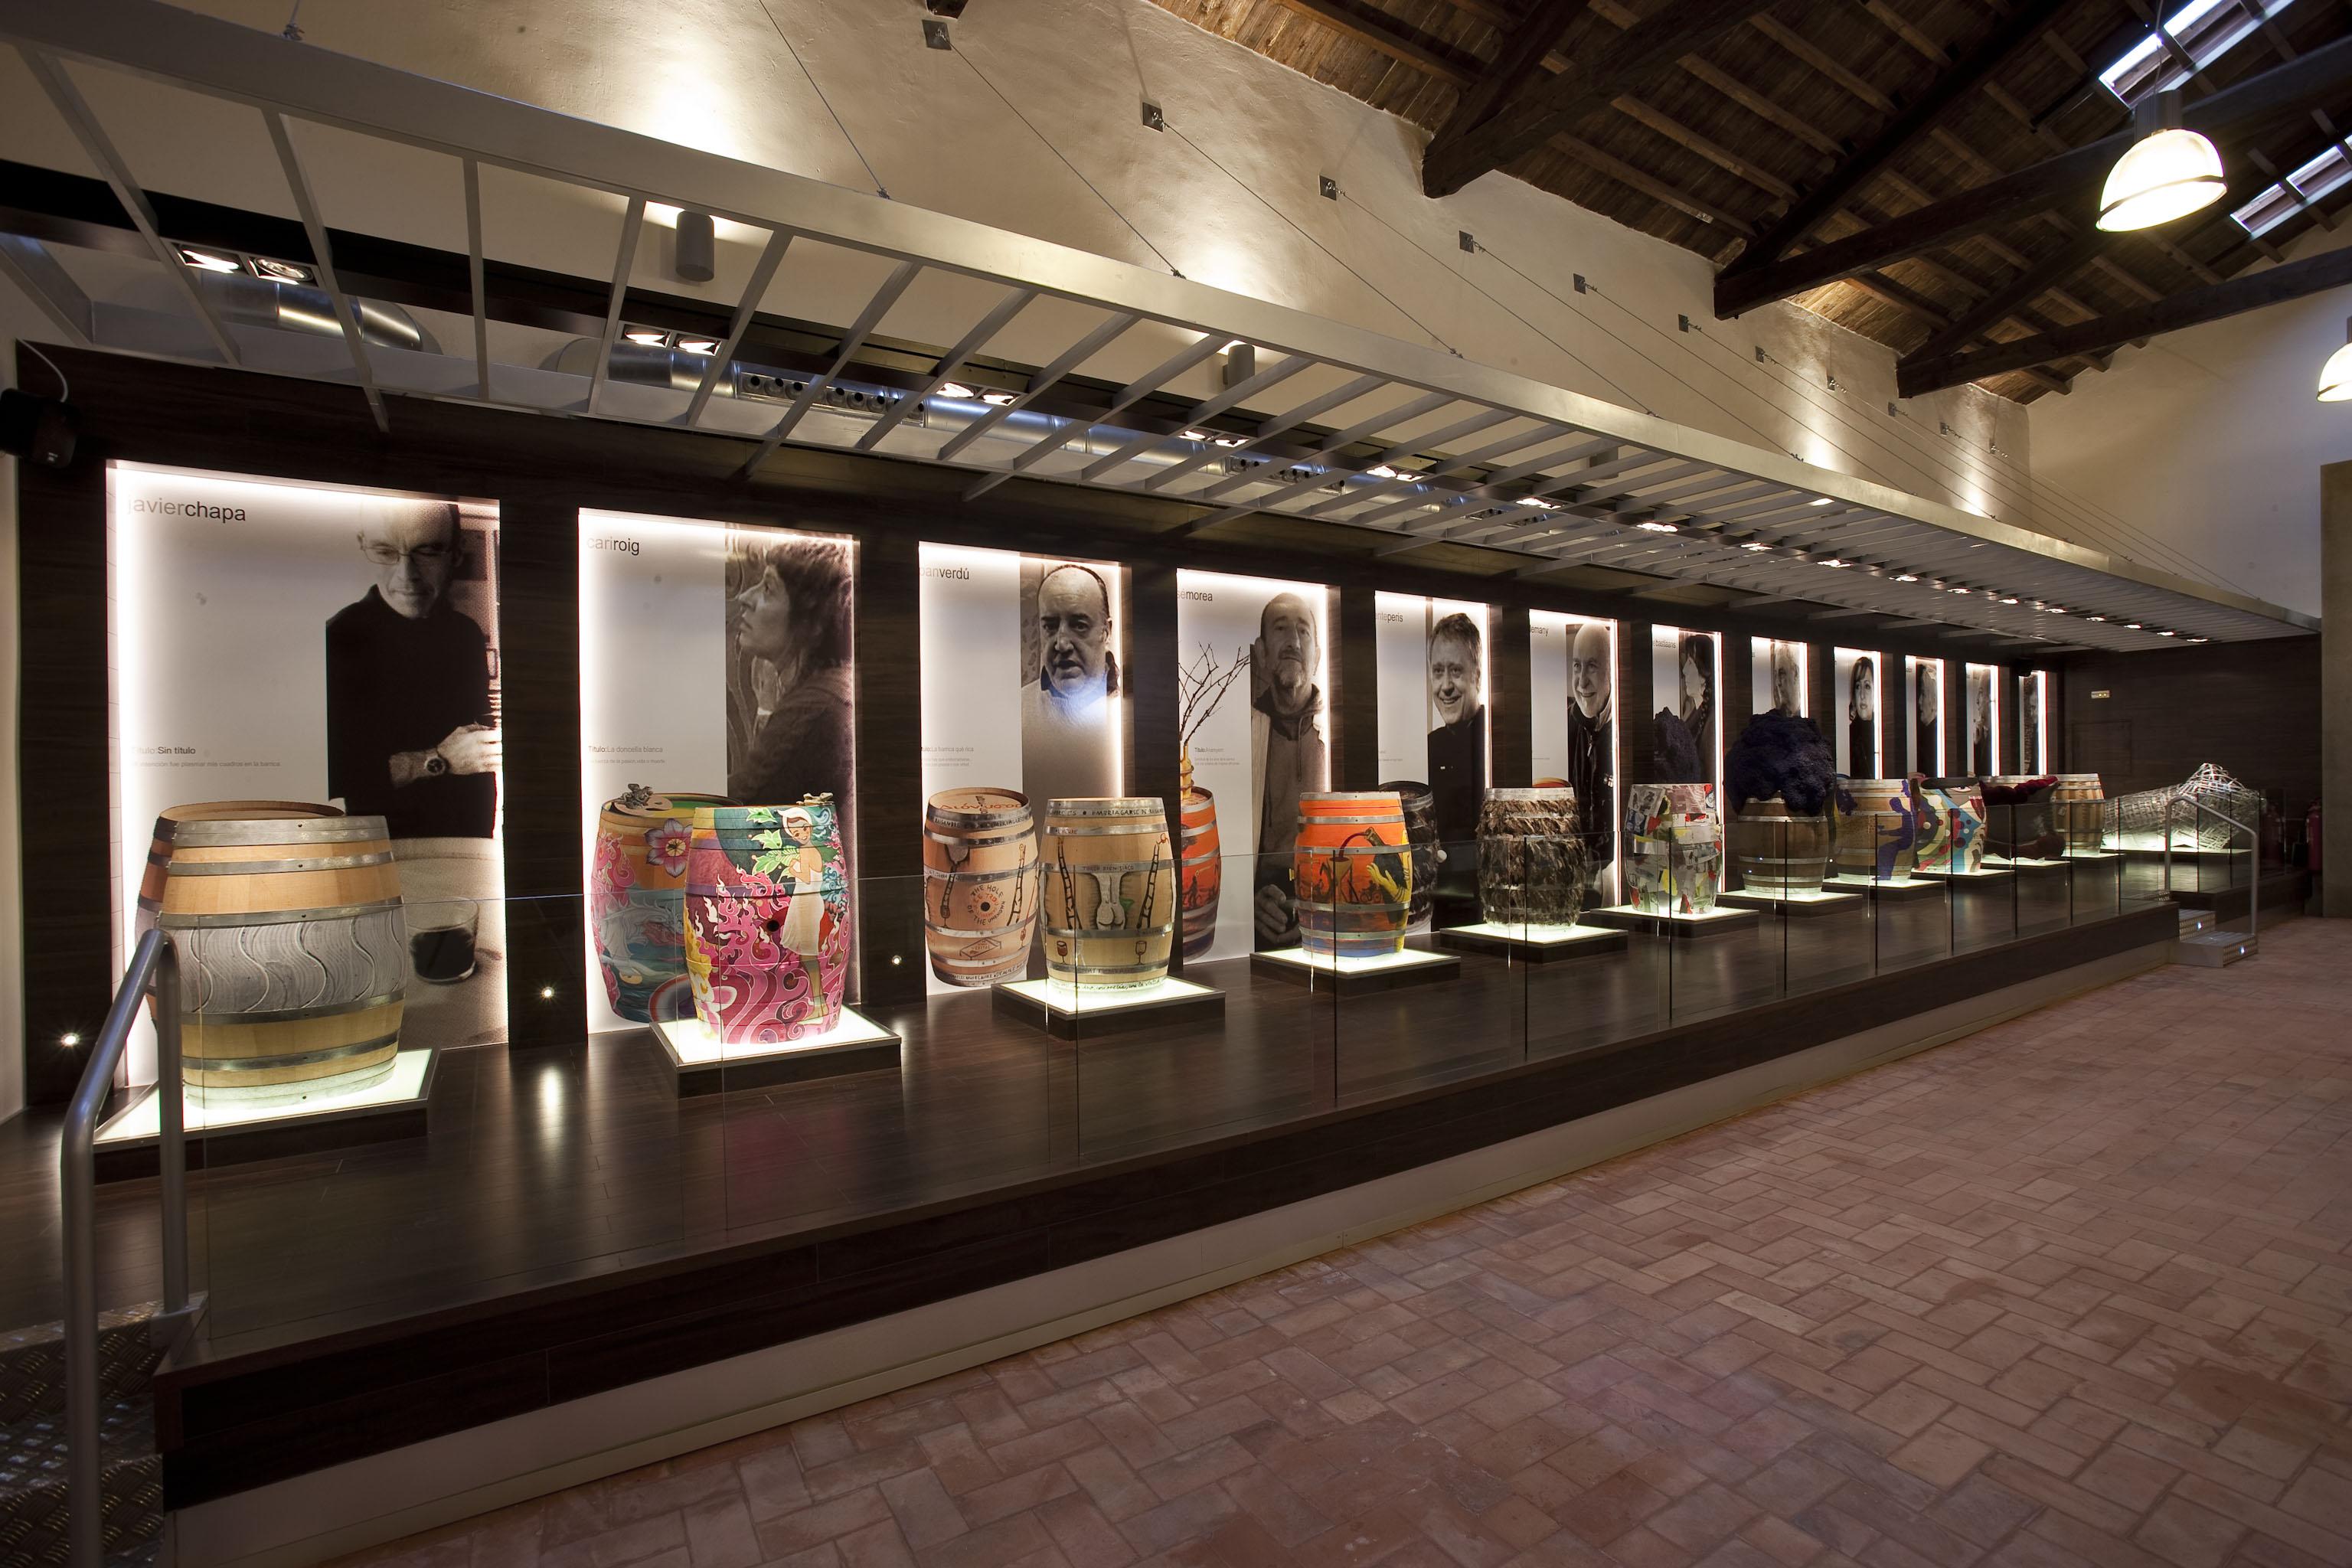 hoya_de_cadenas_museo_barricas_vicente_gandia-2